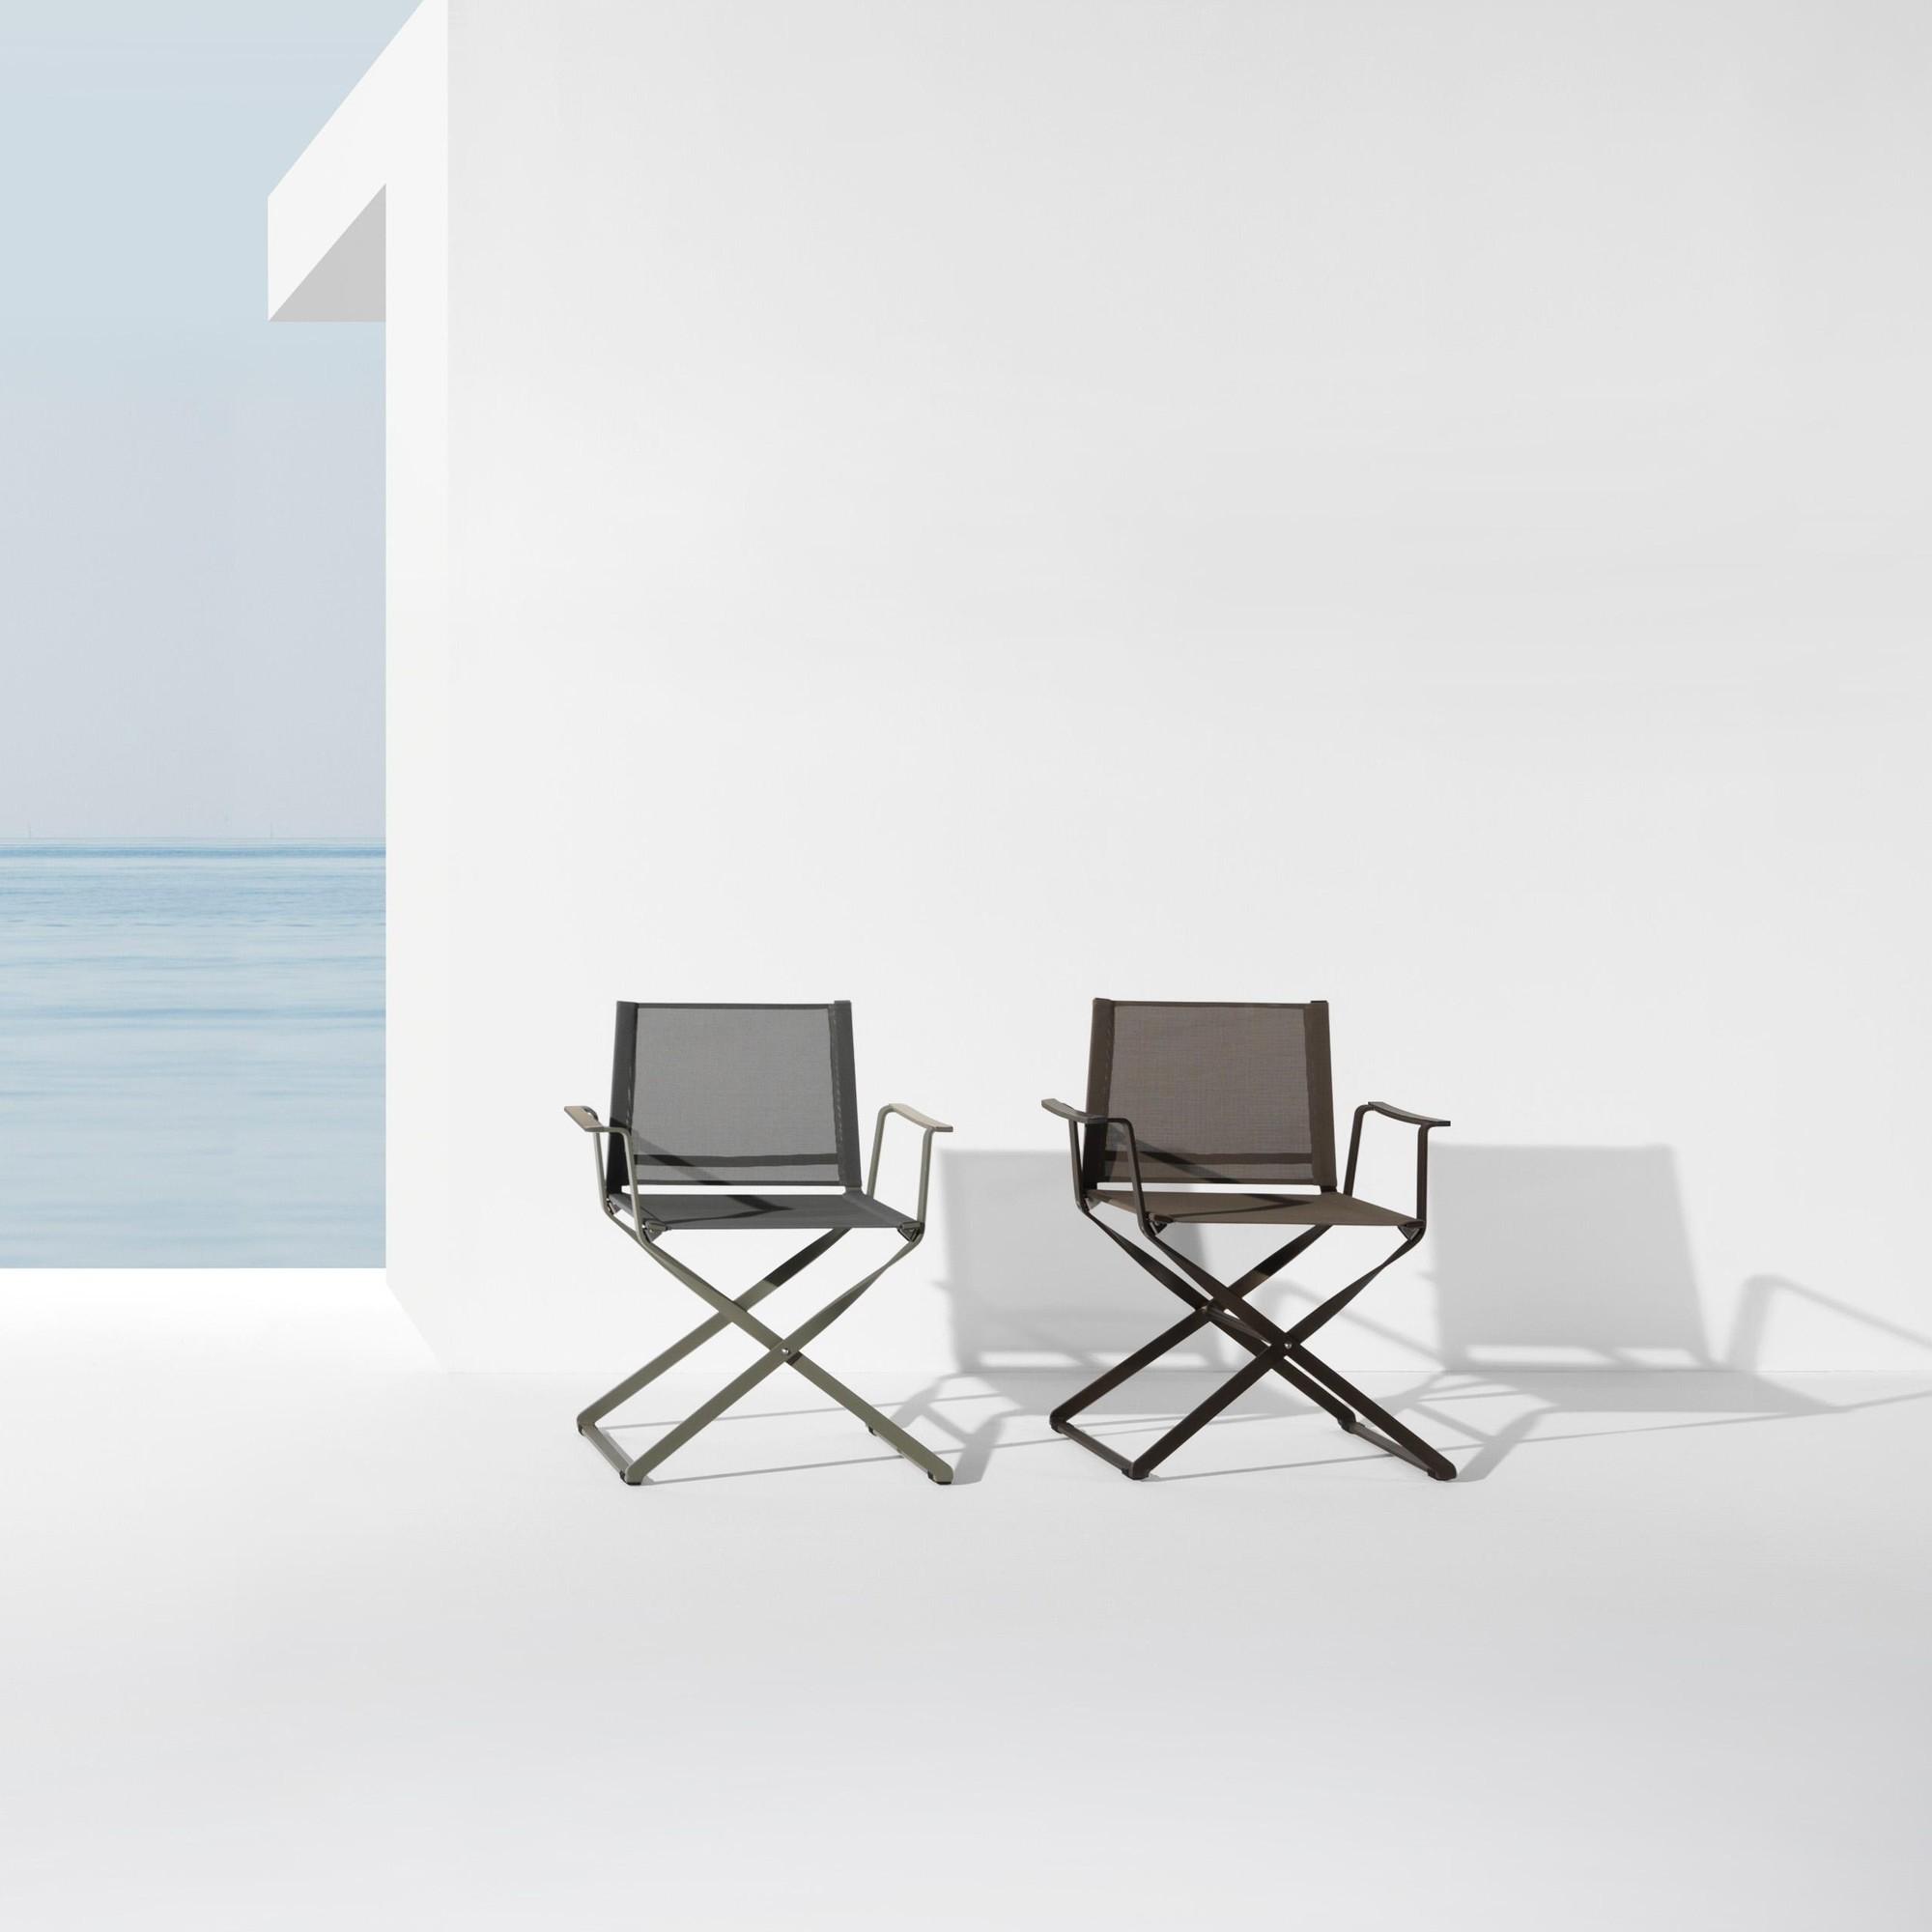 Locating Guidance In Selecting Necessary Factors In Emu Outdoor Furniture emu_Ciak-Garten-Regiestuhl_2000x2000-ID903550-32ea0117a4853210c8d0c40329c14d7f